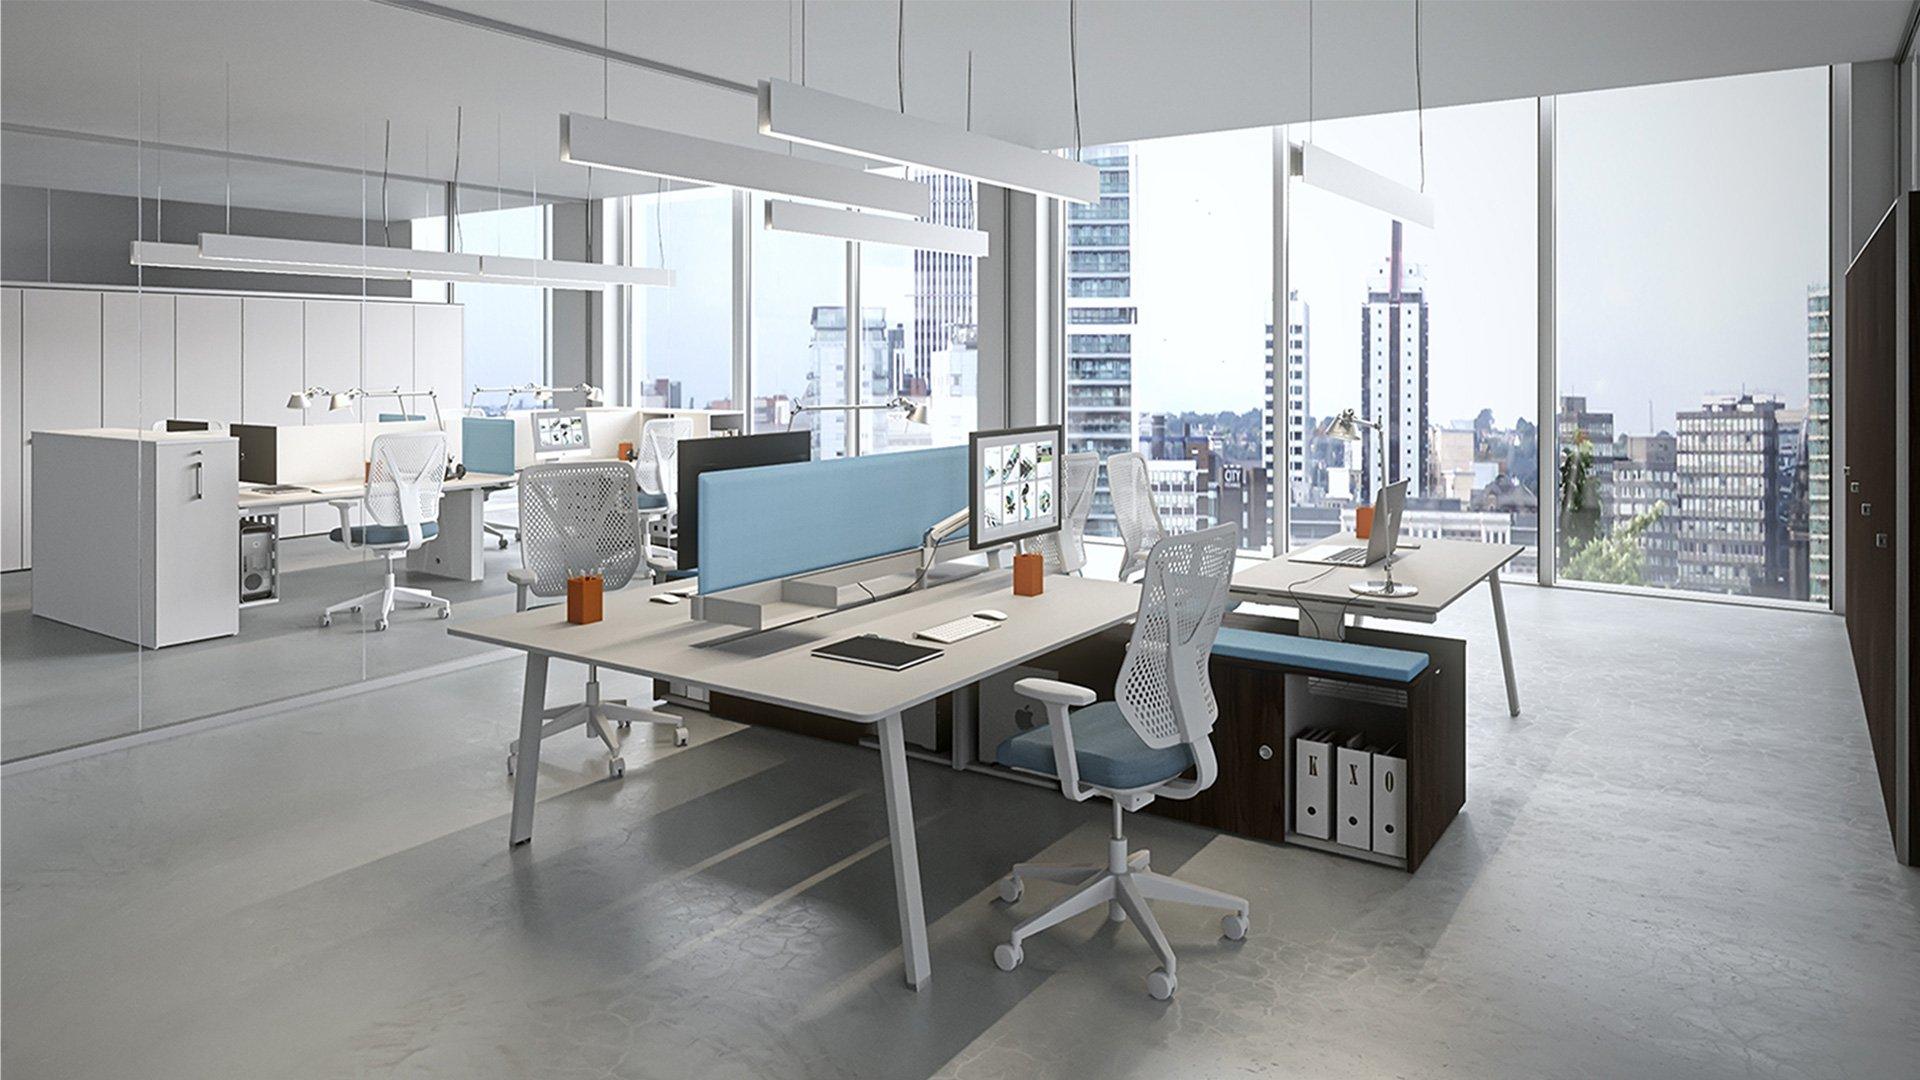 Piante Ufficio Open Space : Arredi per uffici castelfiorentino tanini marcello